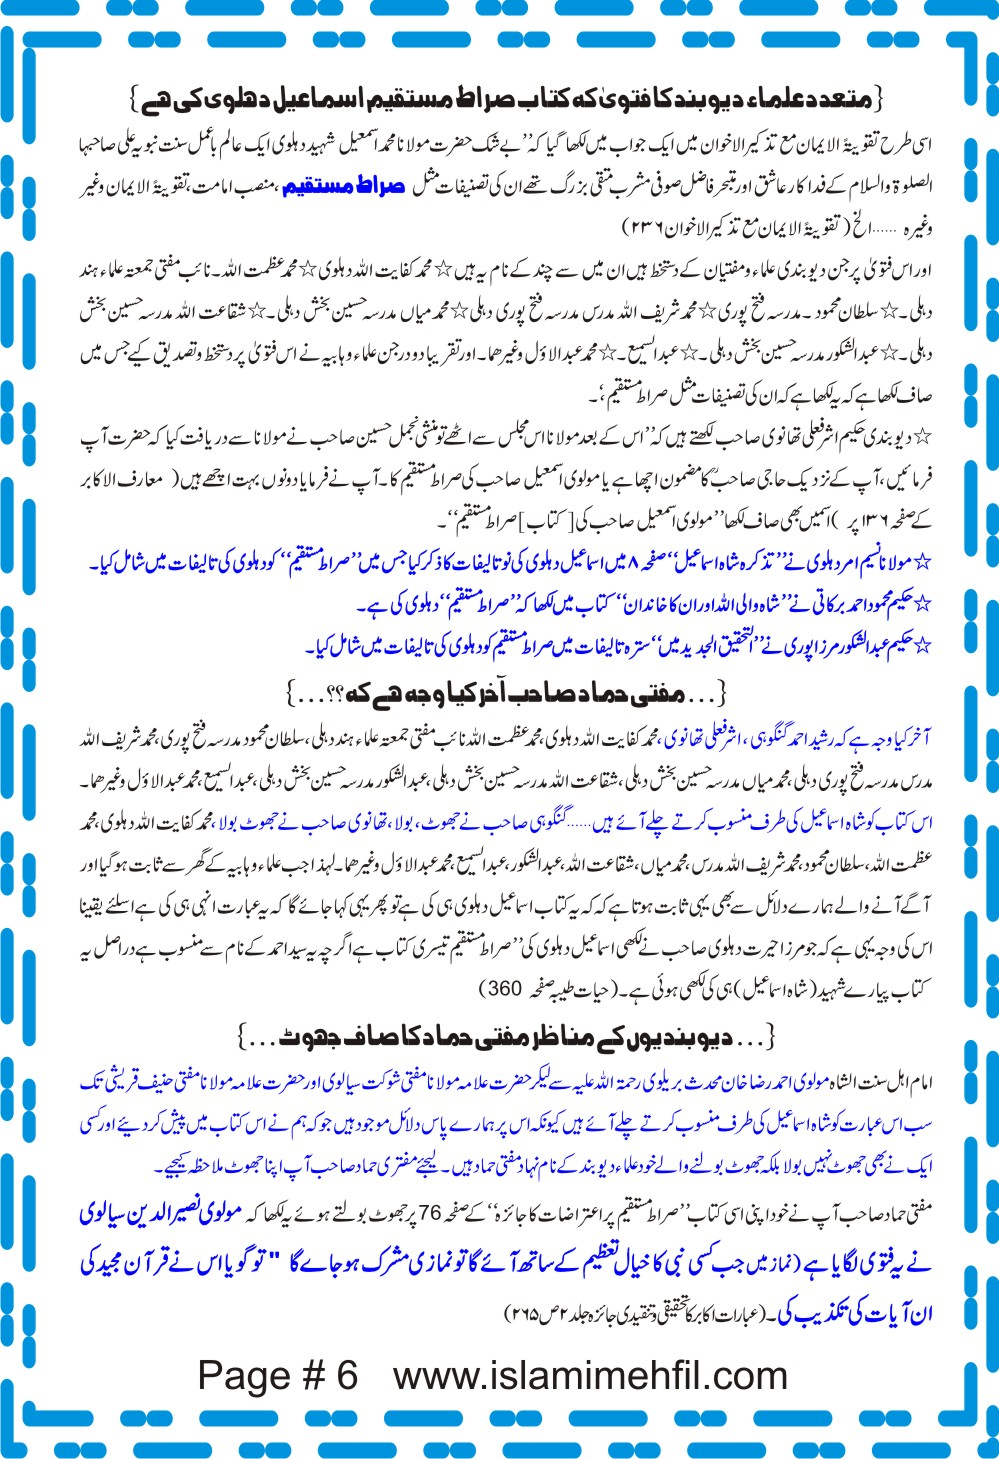 Siratul Mustaqeem (6).jpg